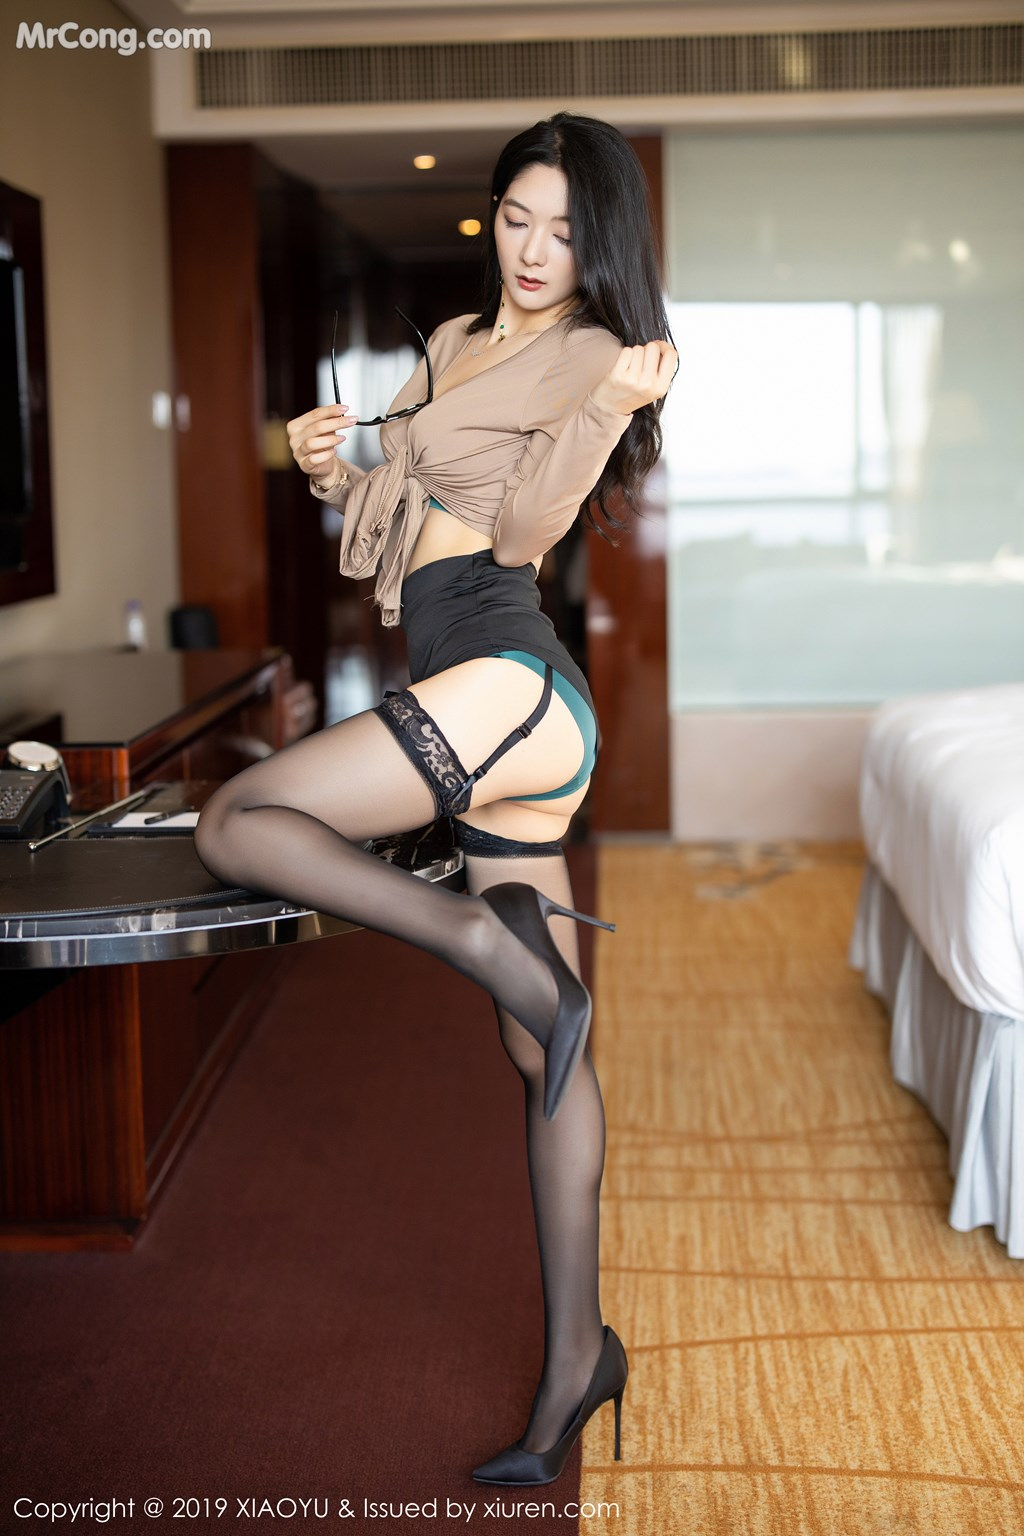 Image XiaoYu-Vol.154-Xiao-Reba-Angela-MrCong.com-025 in post XiaoYu Vol.154: Xiao Reba (Angela小热巴) (97 ảnh)